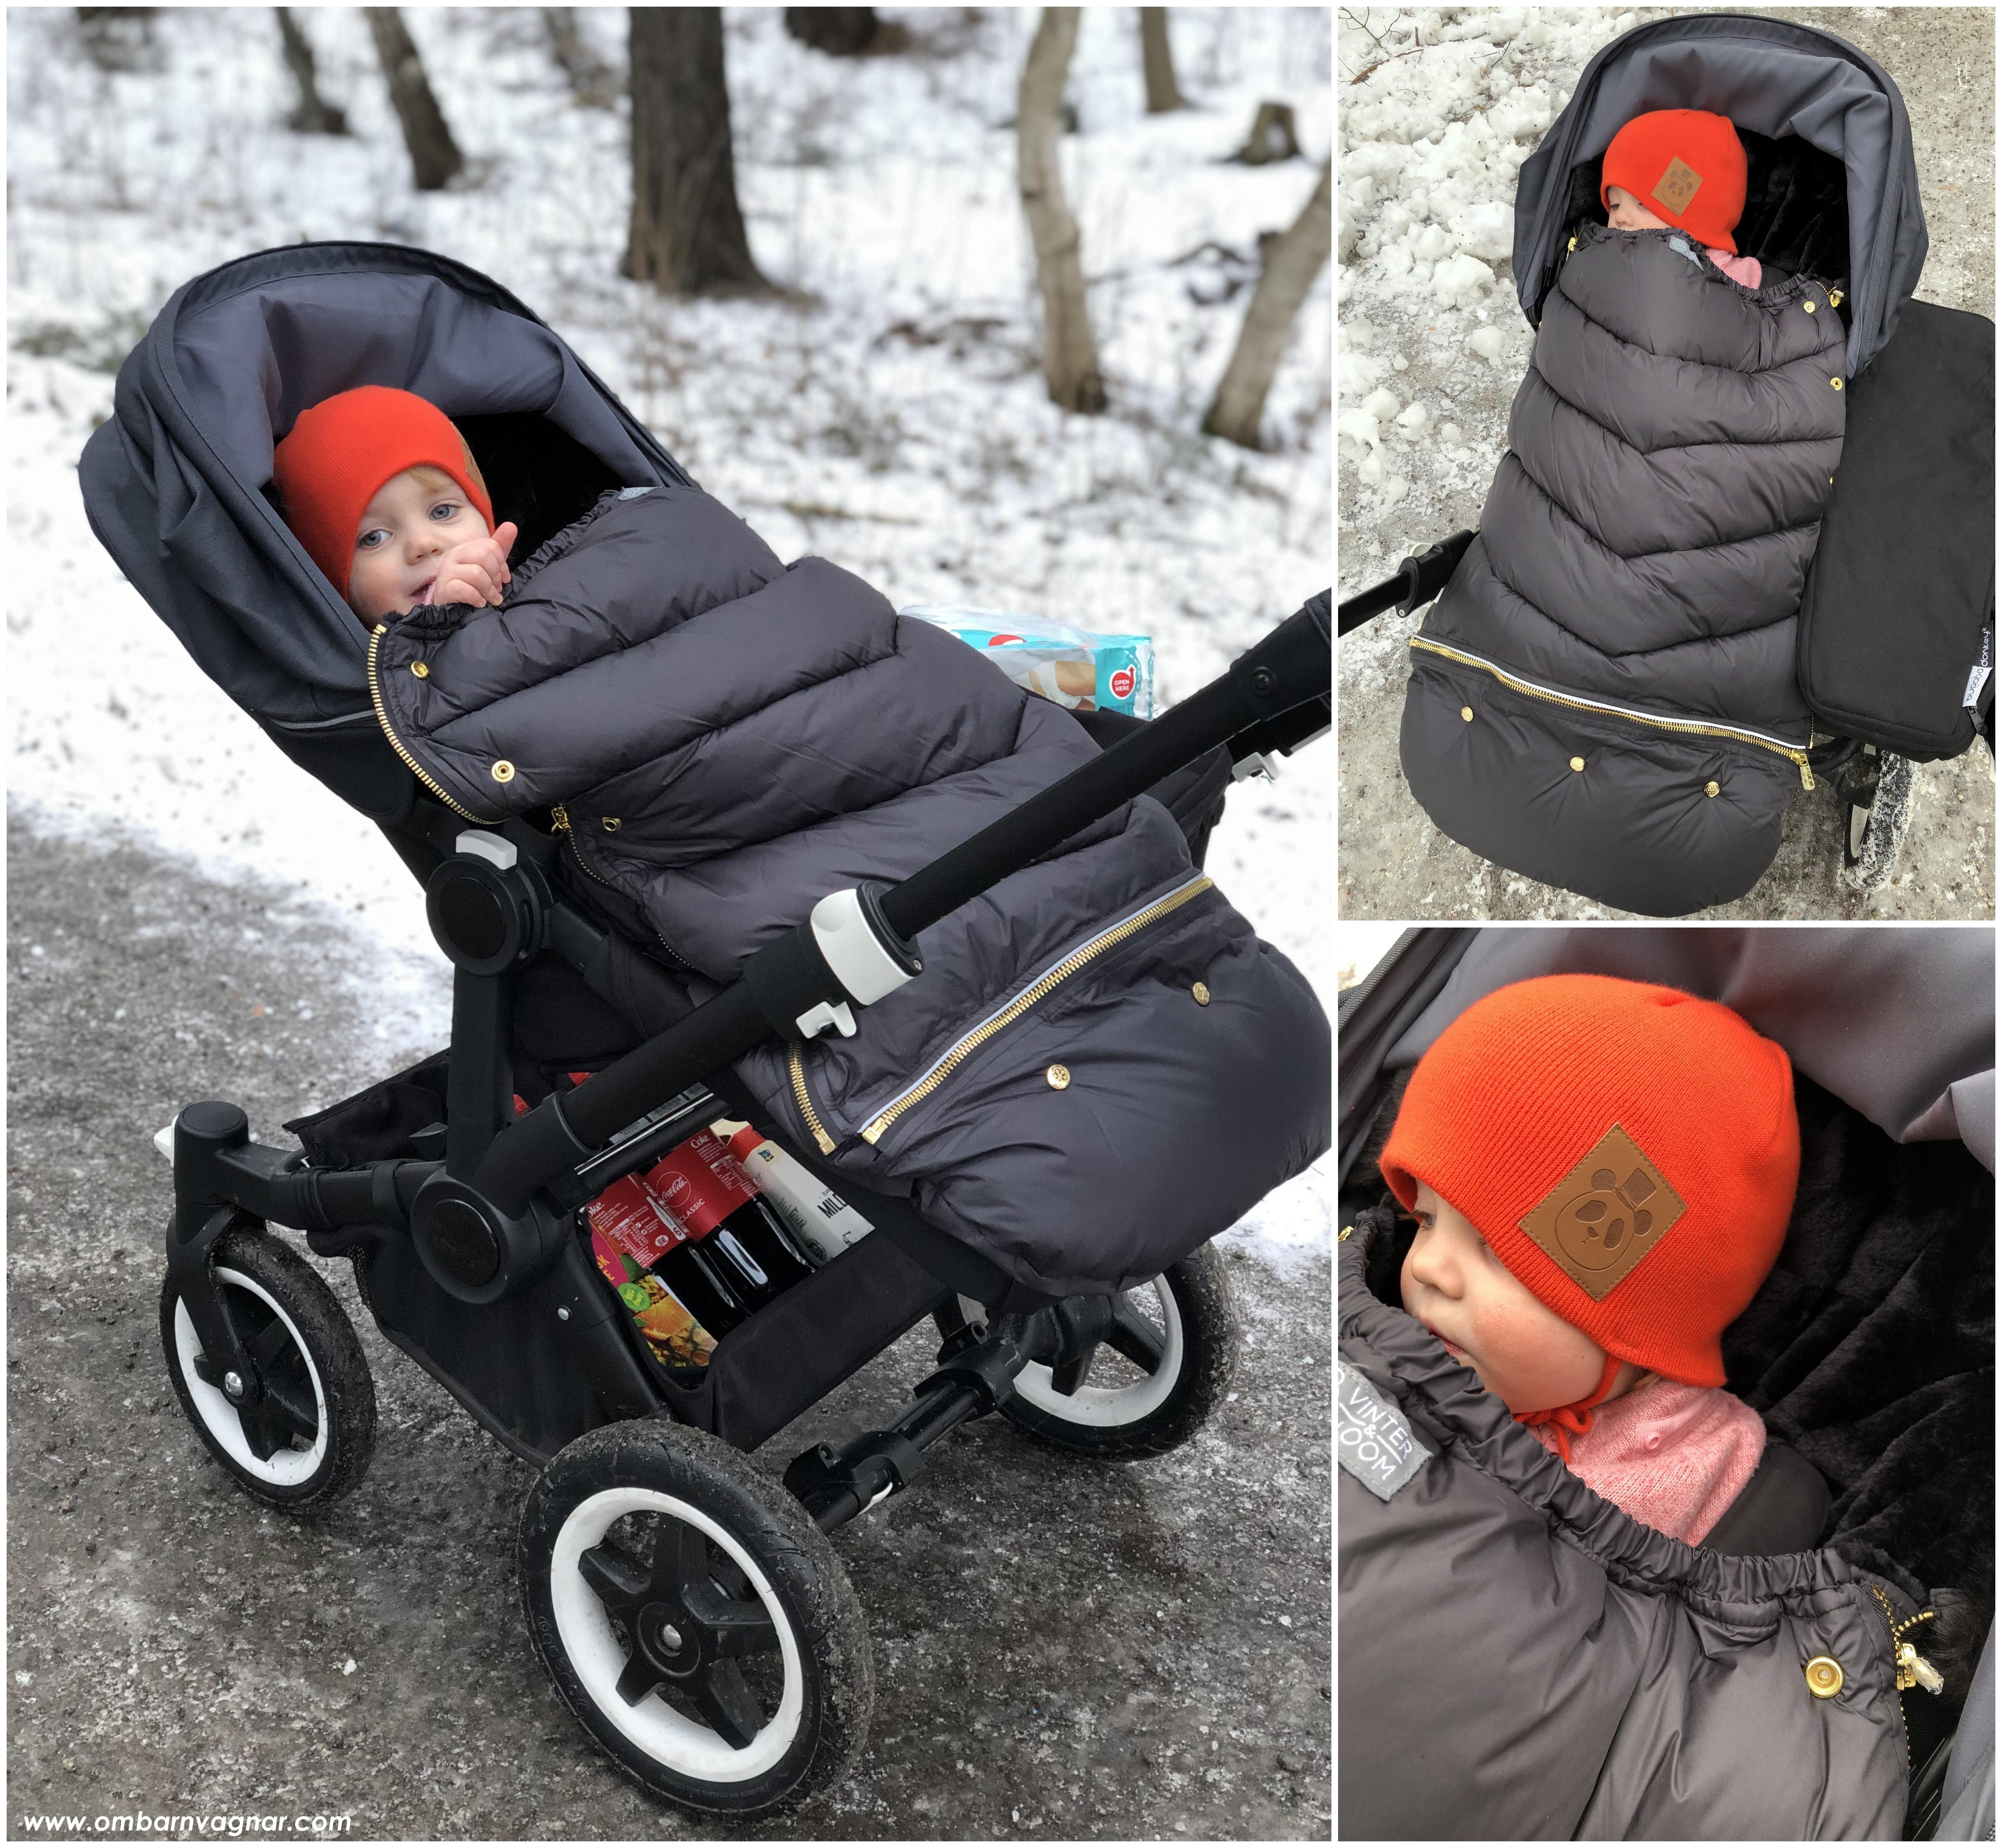 Vinter & Bloom Chic Åkpåse i barnvagnen och mitt omdöme